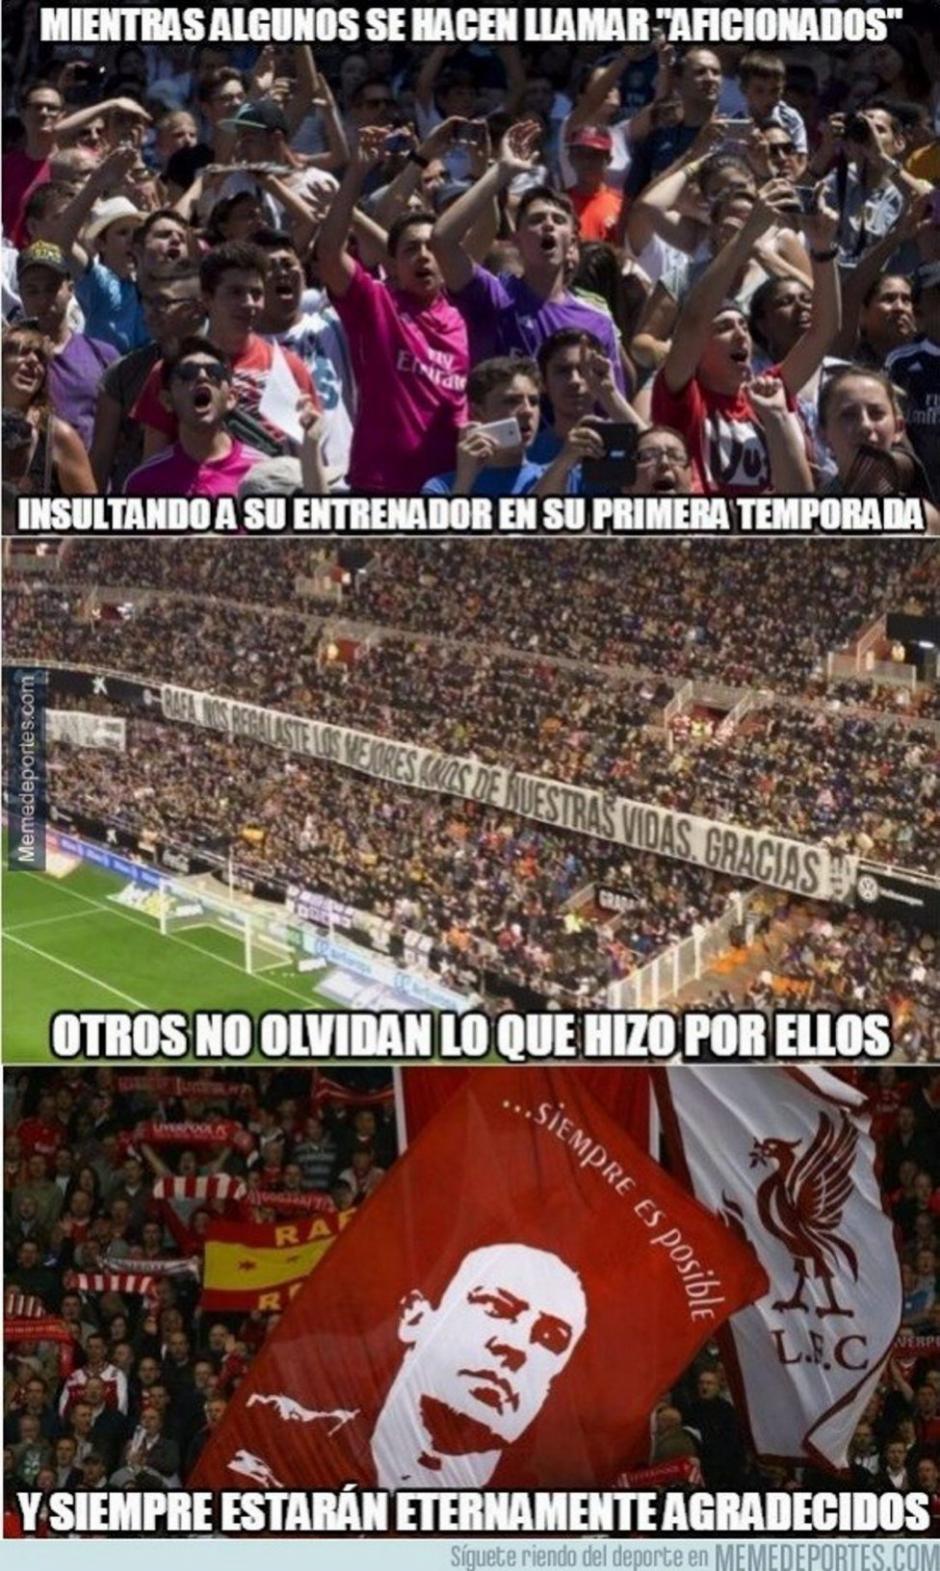 El gesto de la afición de Valencia, en el estadio de Mestalla, no pasó desapercibido en los memes.